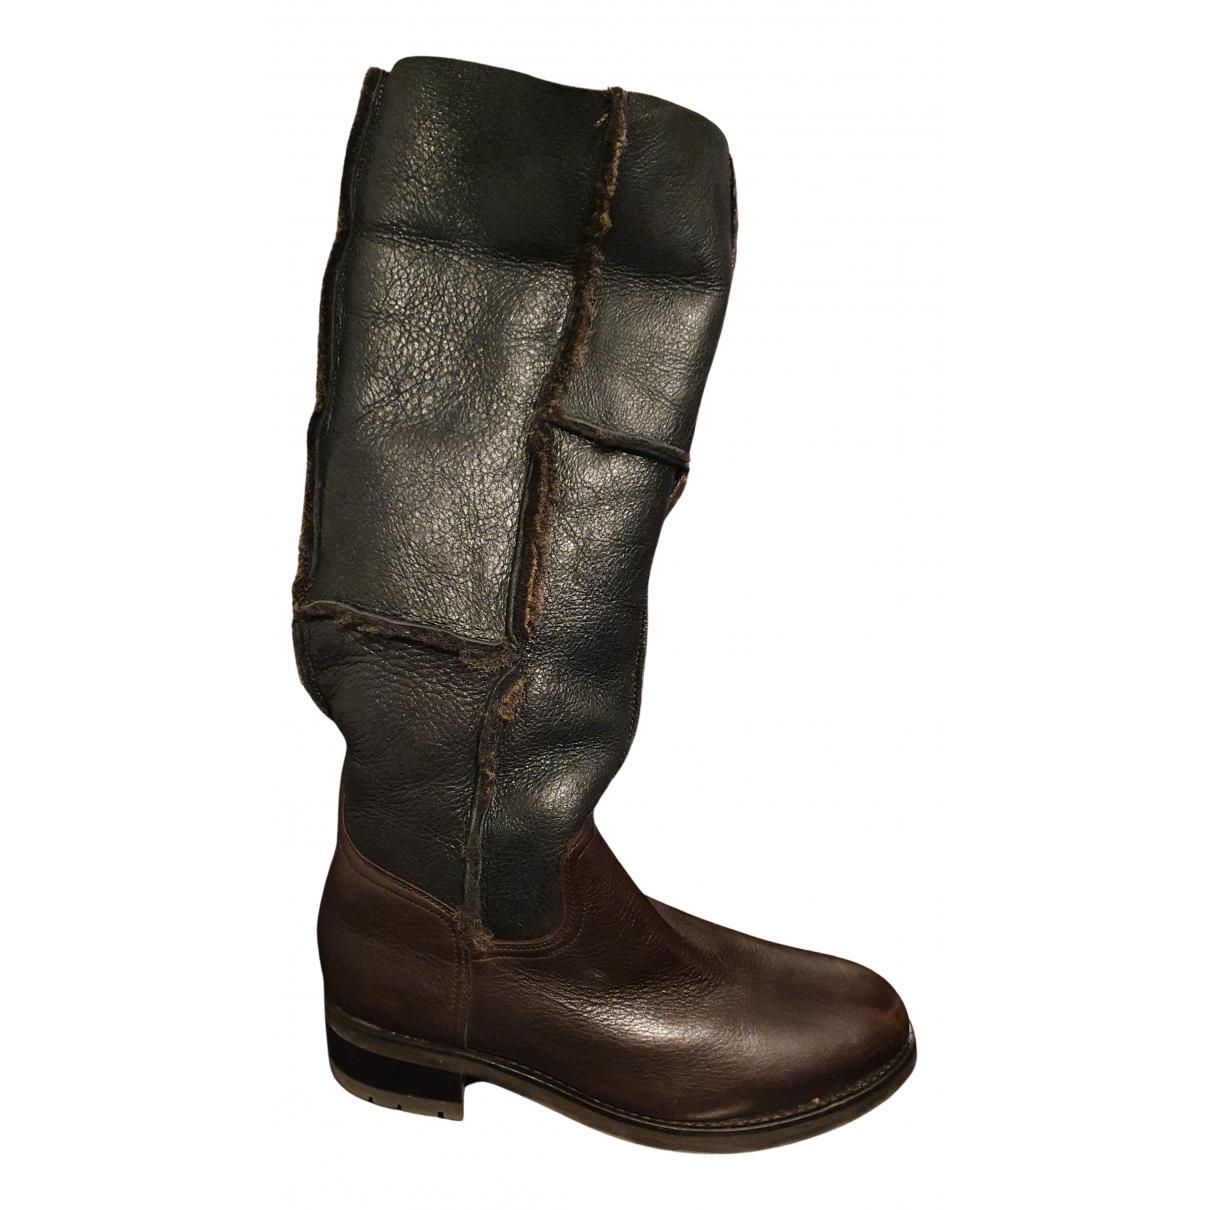 Heschung - Bottes   pour femme en cuir - marron